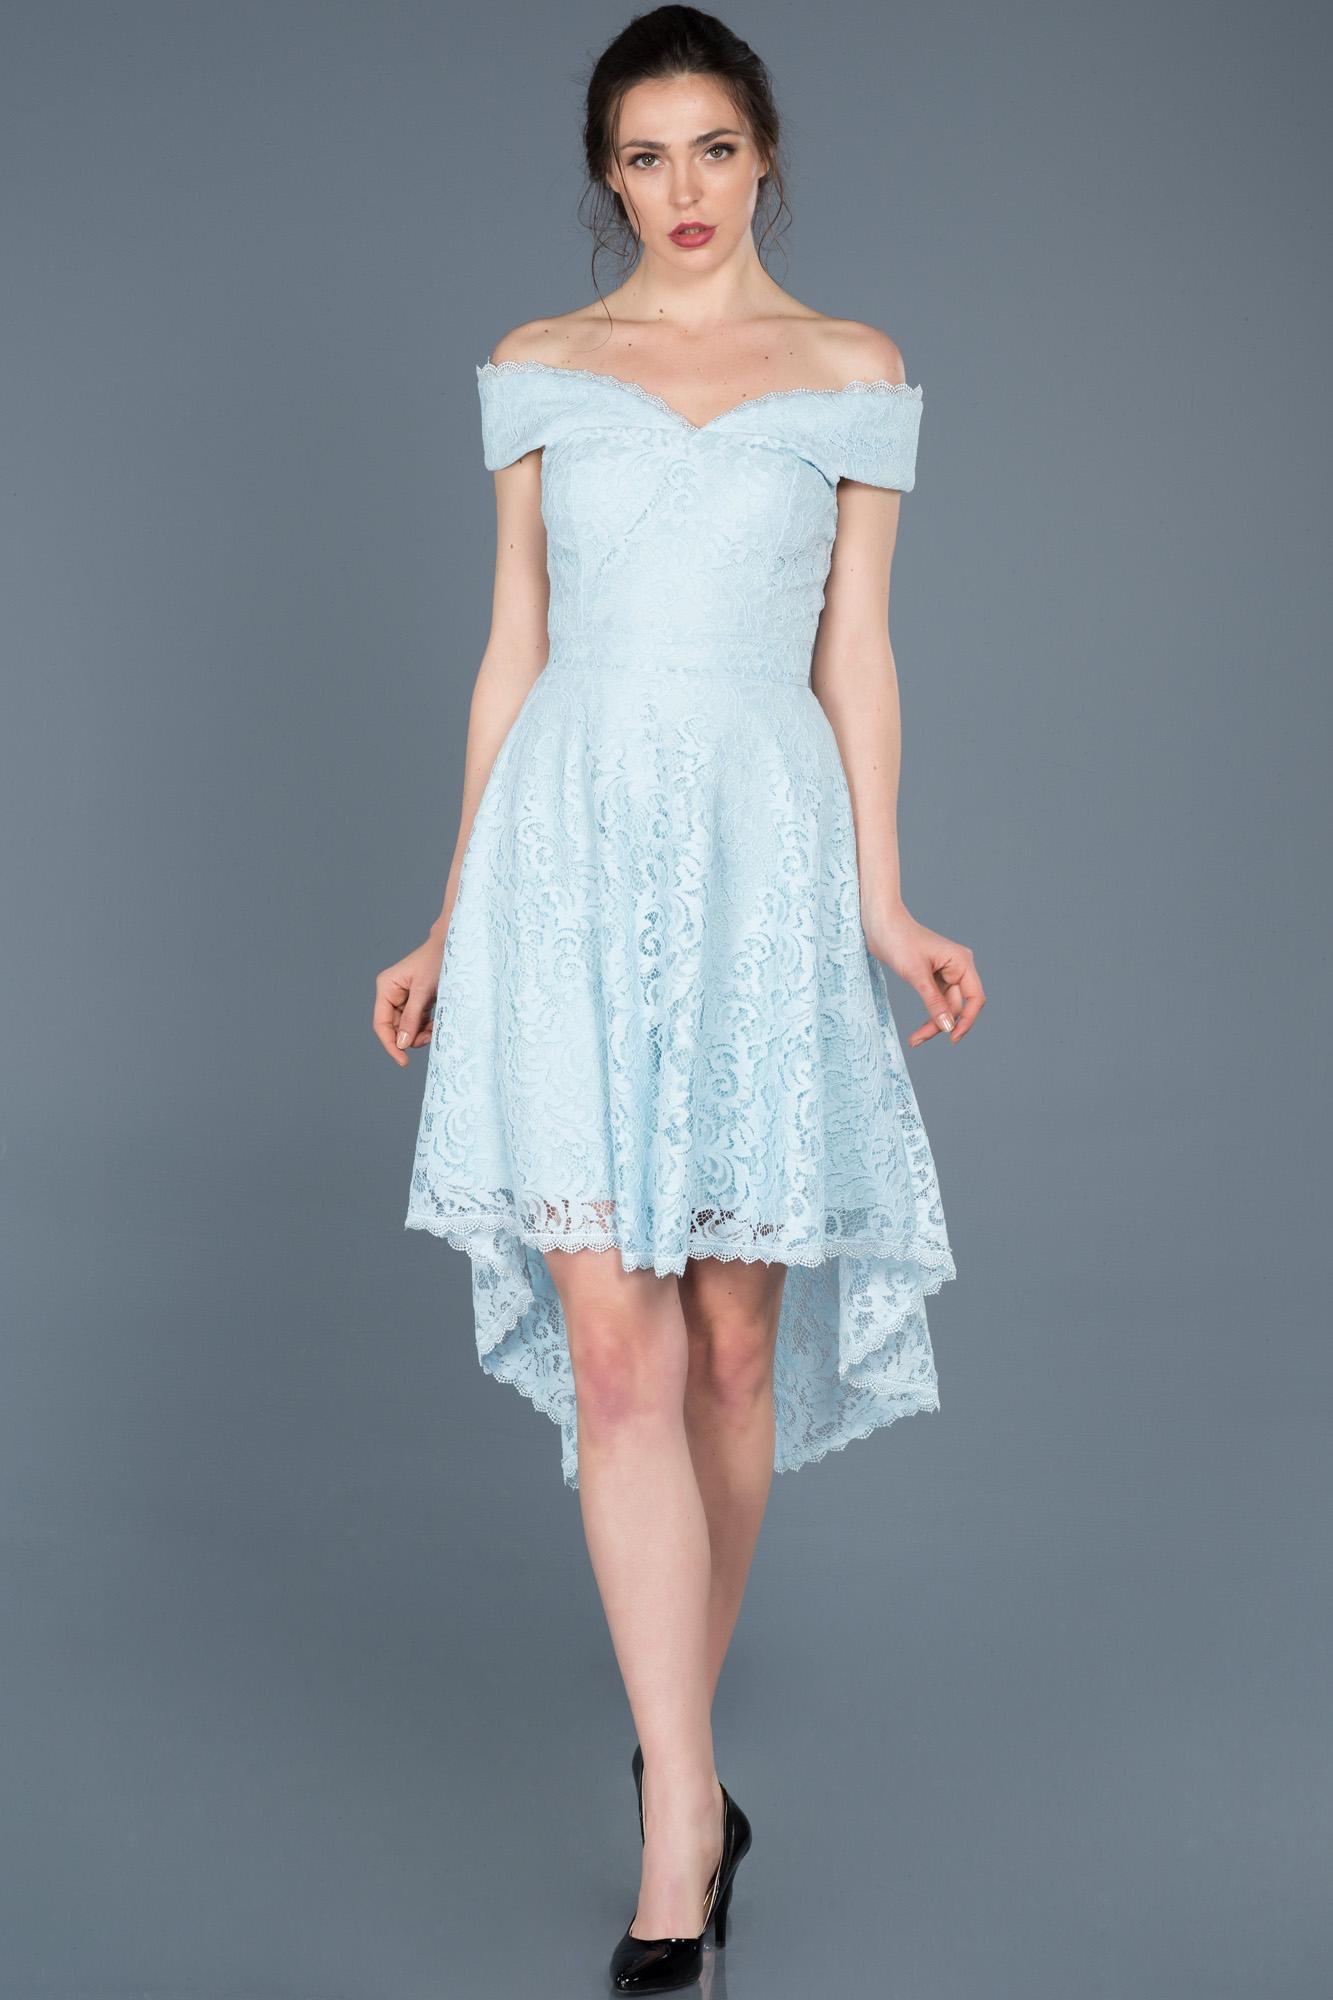 Mavi Önü Kısa Arkası Uzun Kayık Yaka Mezuniyet Elbisesi